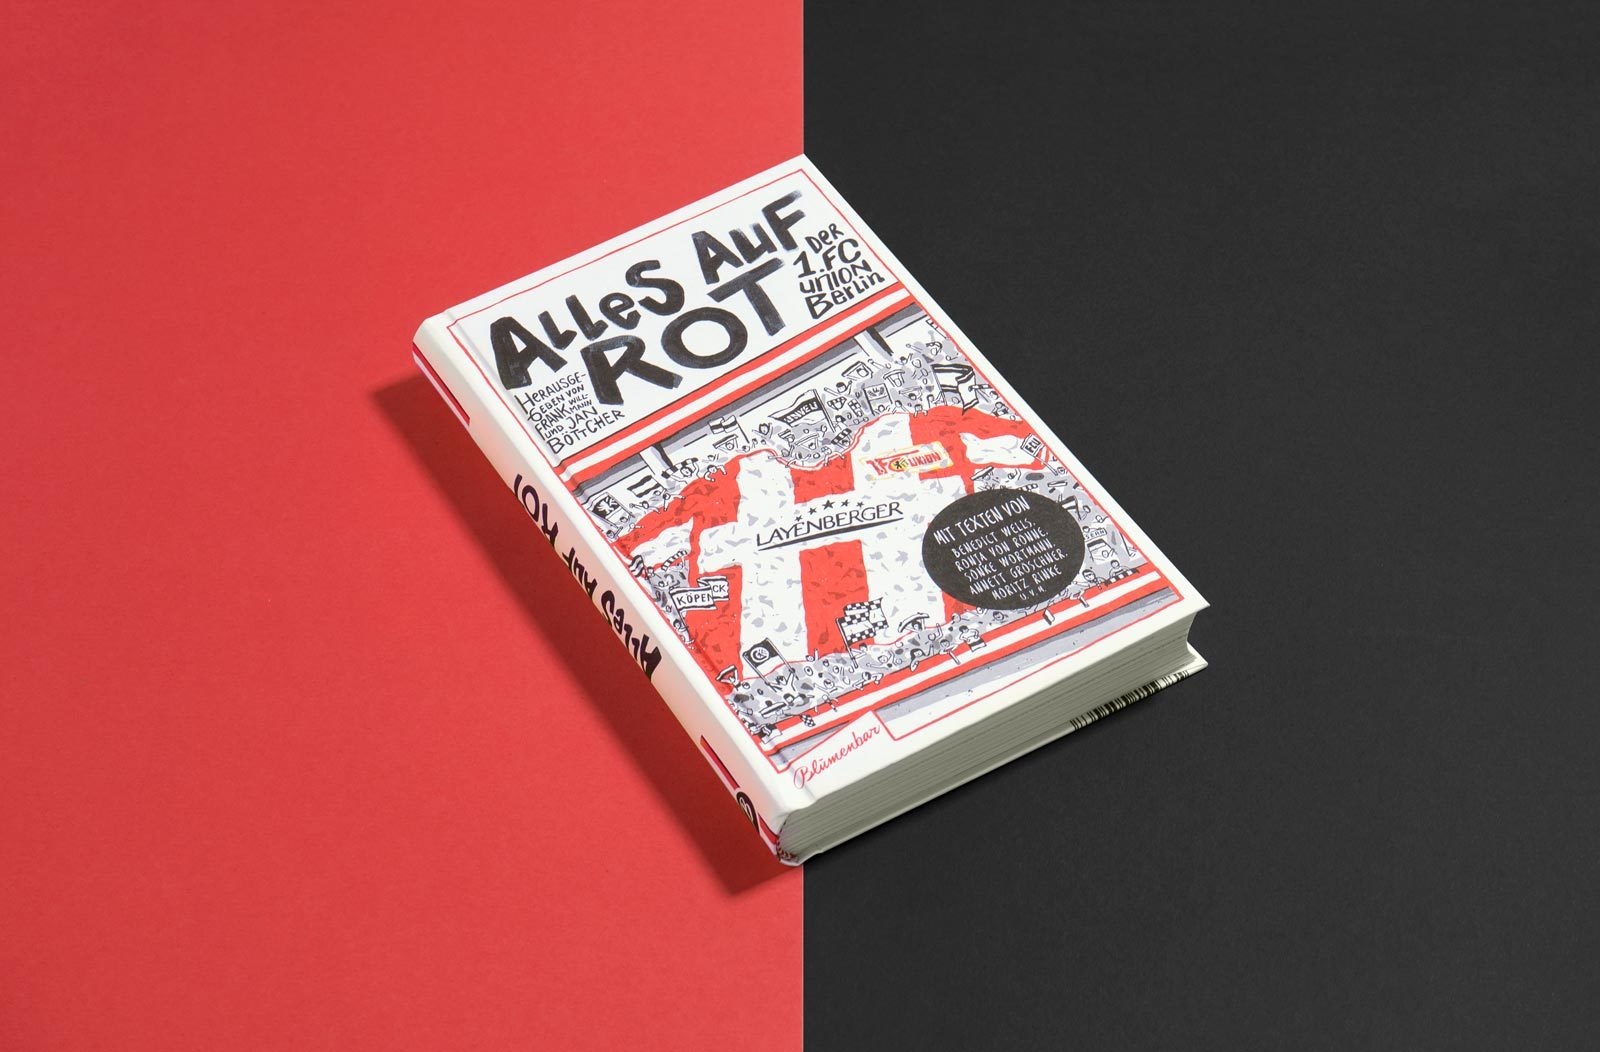 Editienne Grafikdesign - Kommunikationsdesign Berlin- Buchgestaltung und Coverdesign- Alles steht auf Rot 1